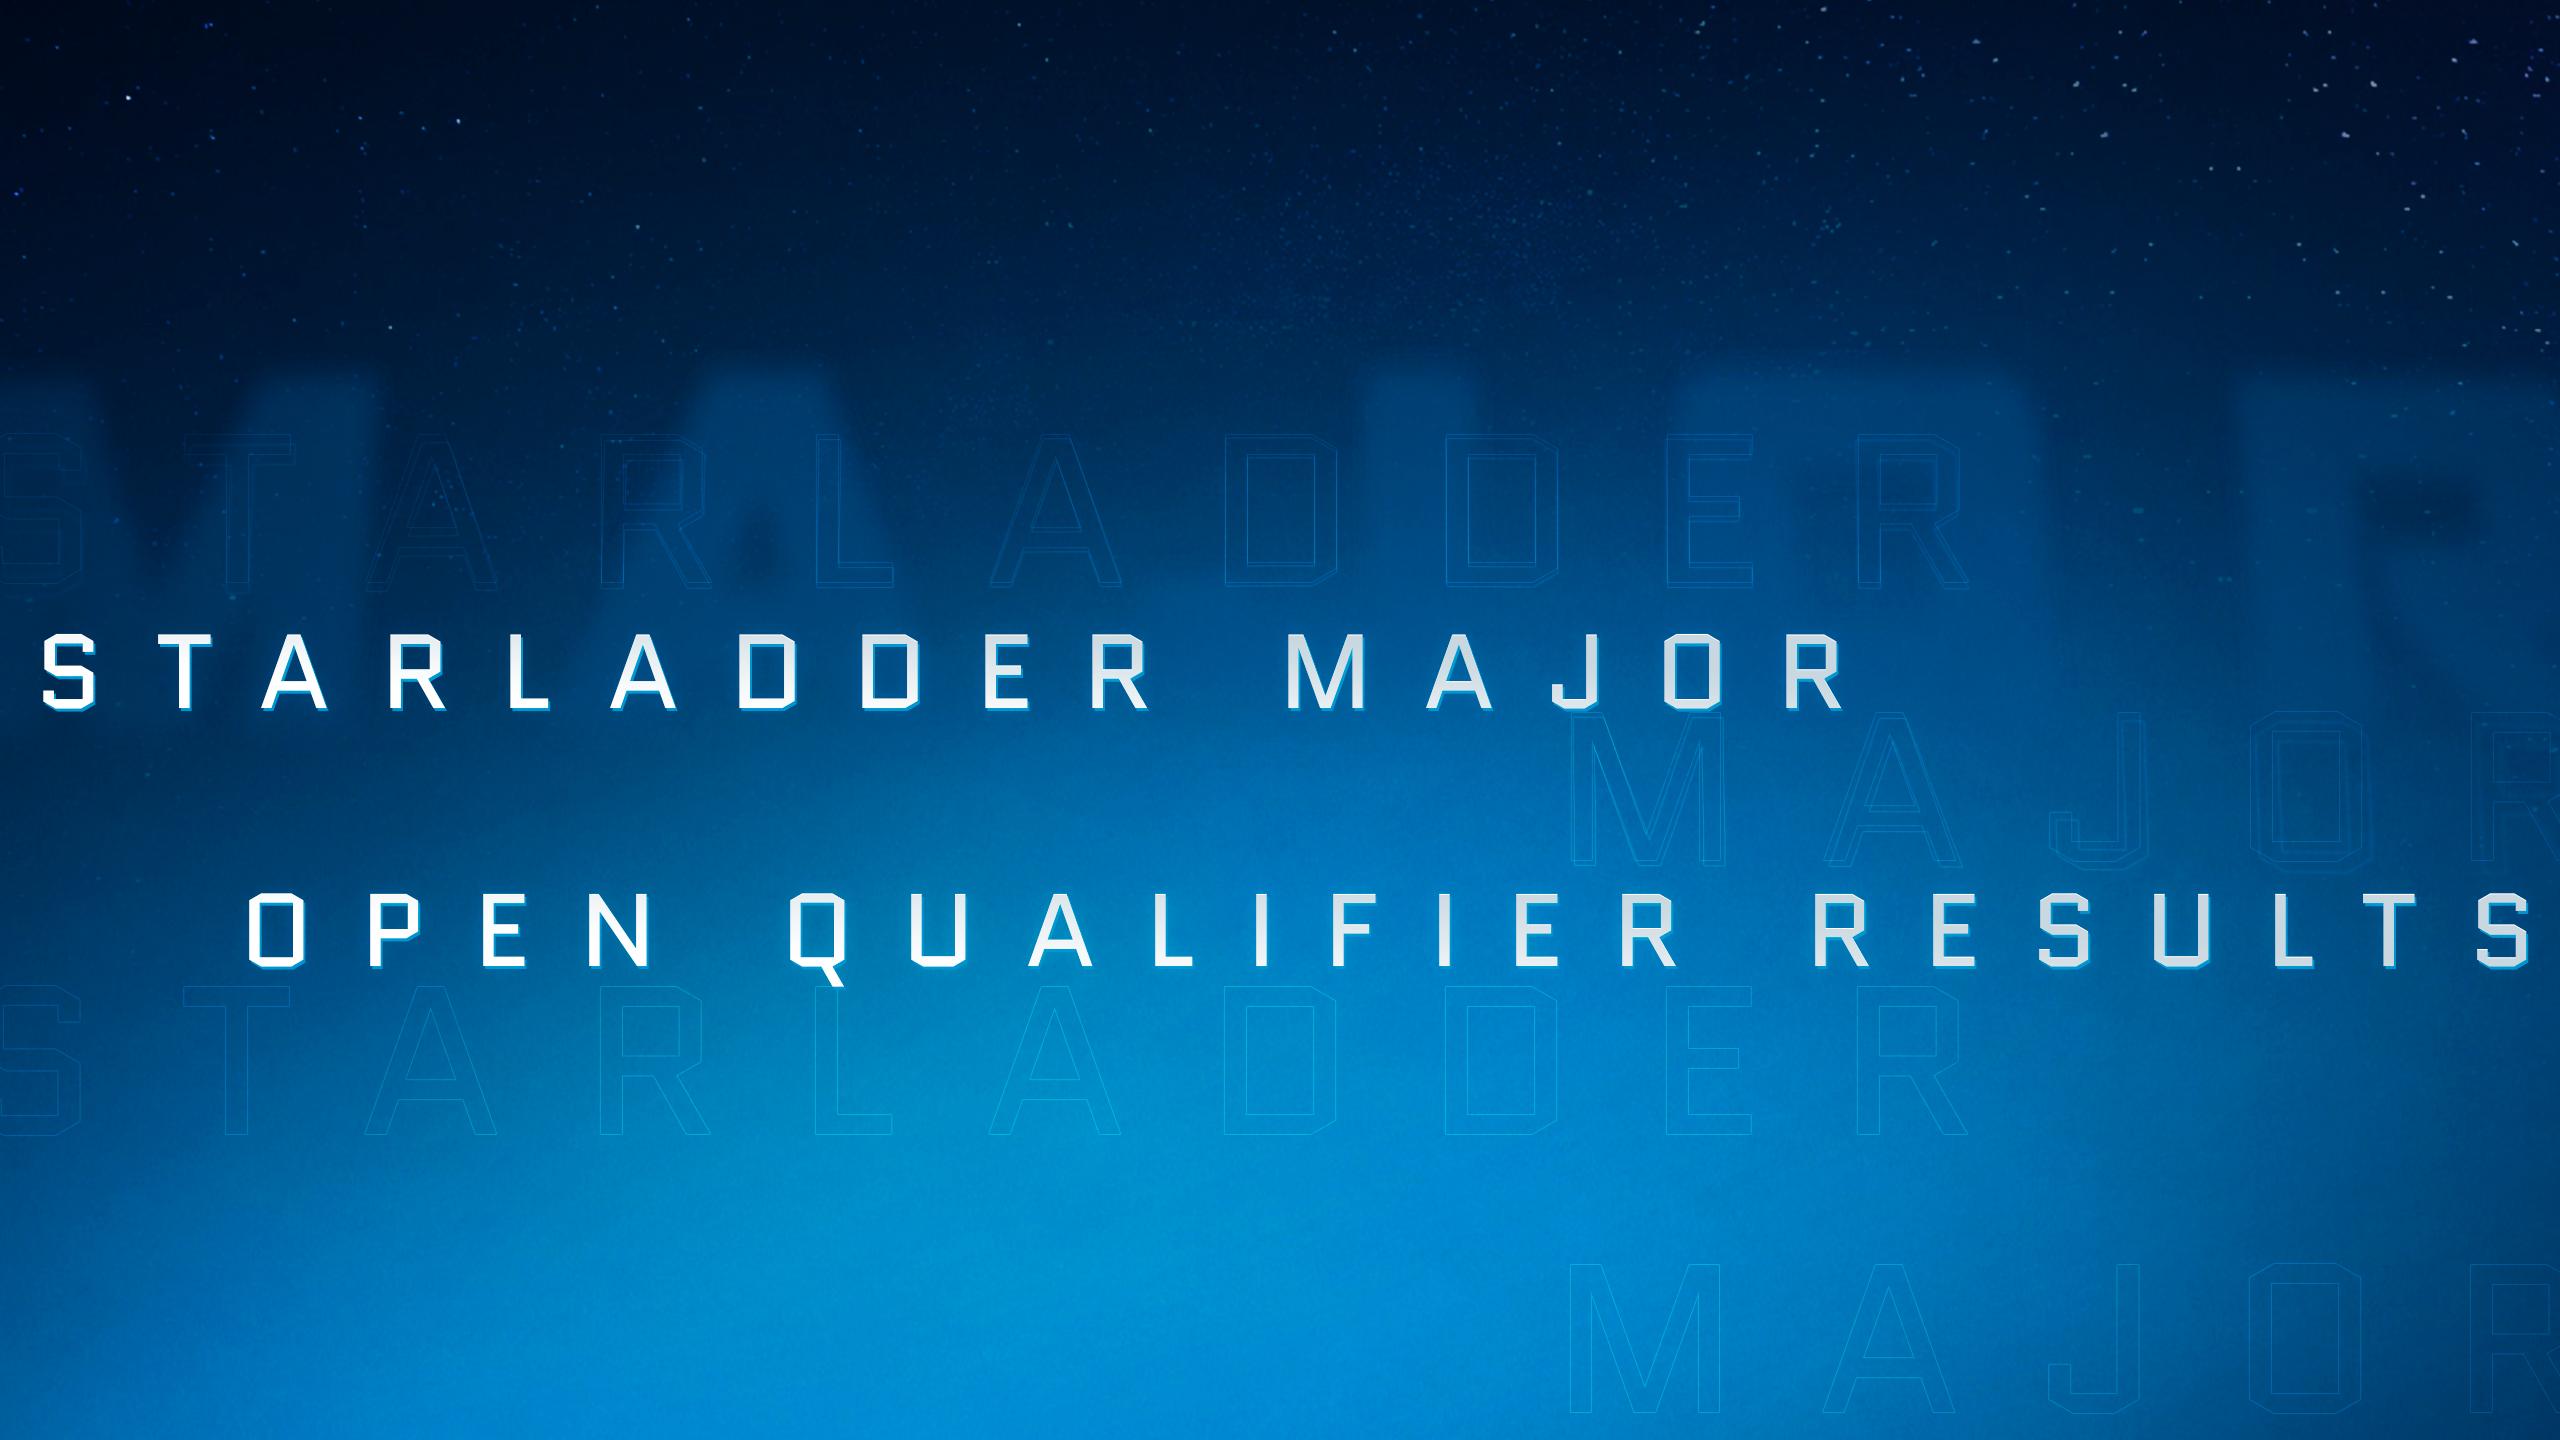 Результаты открытых квалификаций StarLadder Major 2019